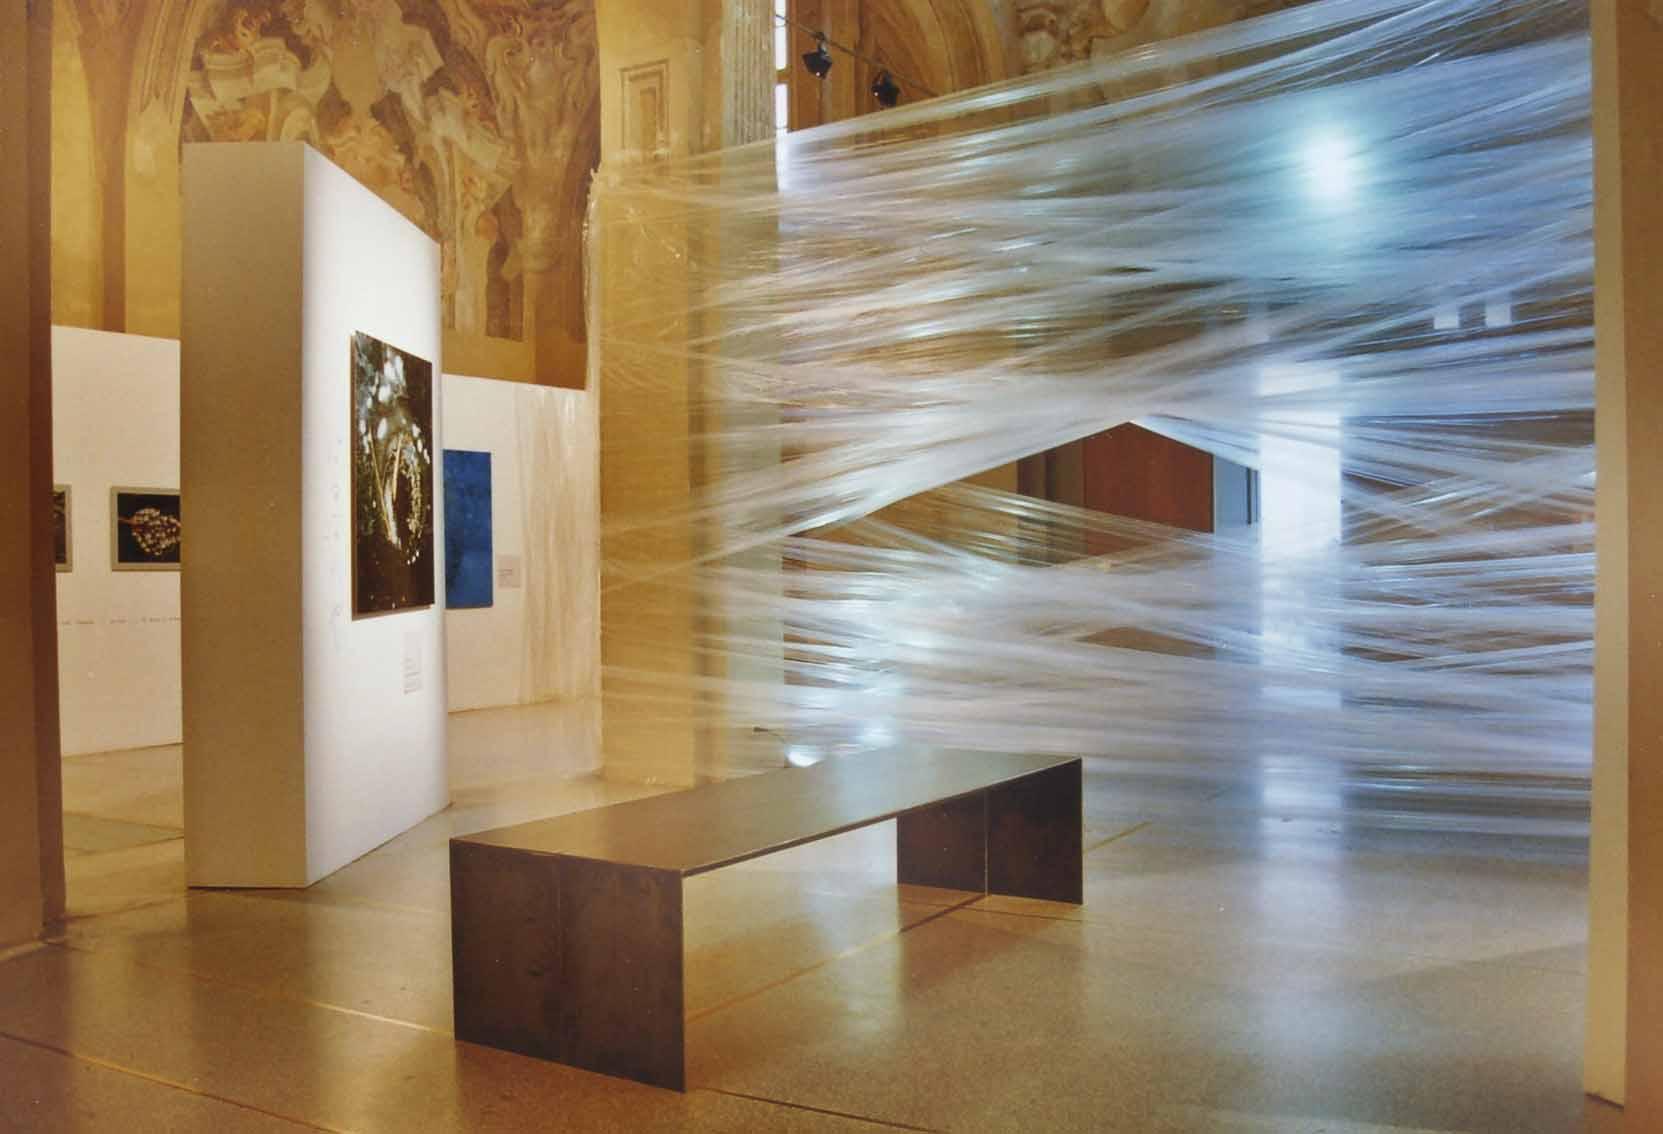 Ben noto Allestimento Mostra Fotografica – Como | Emanuela Galfetti Architetto KH82